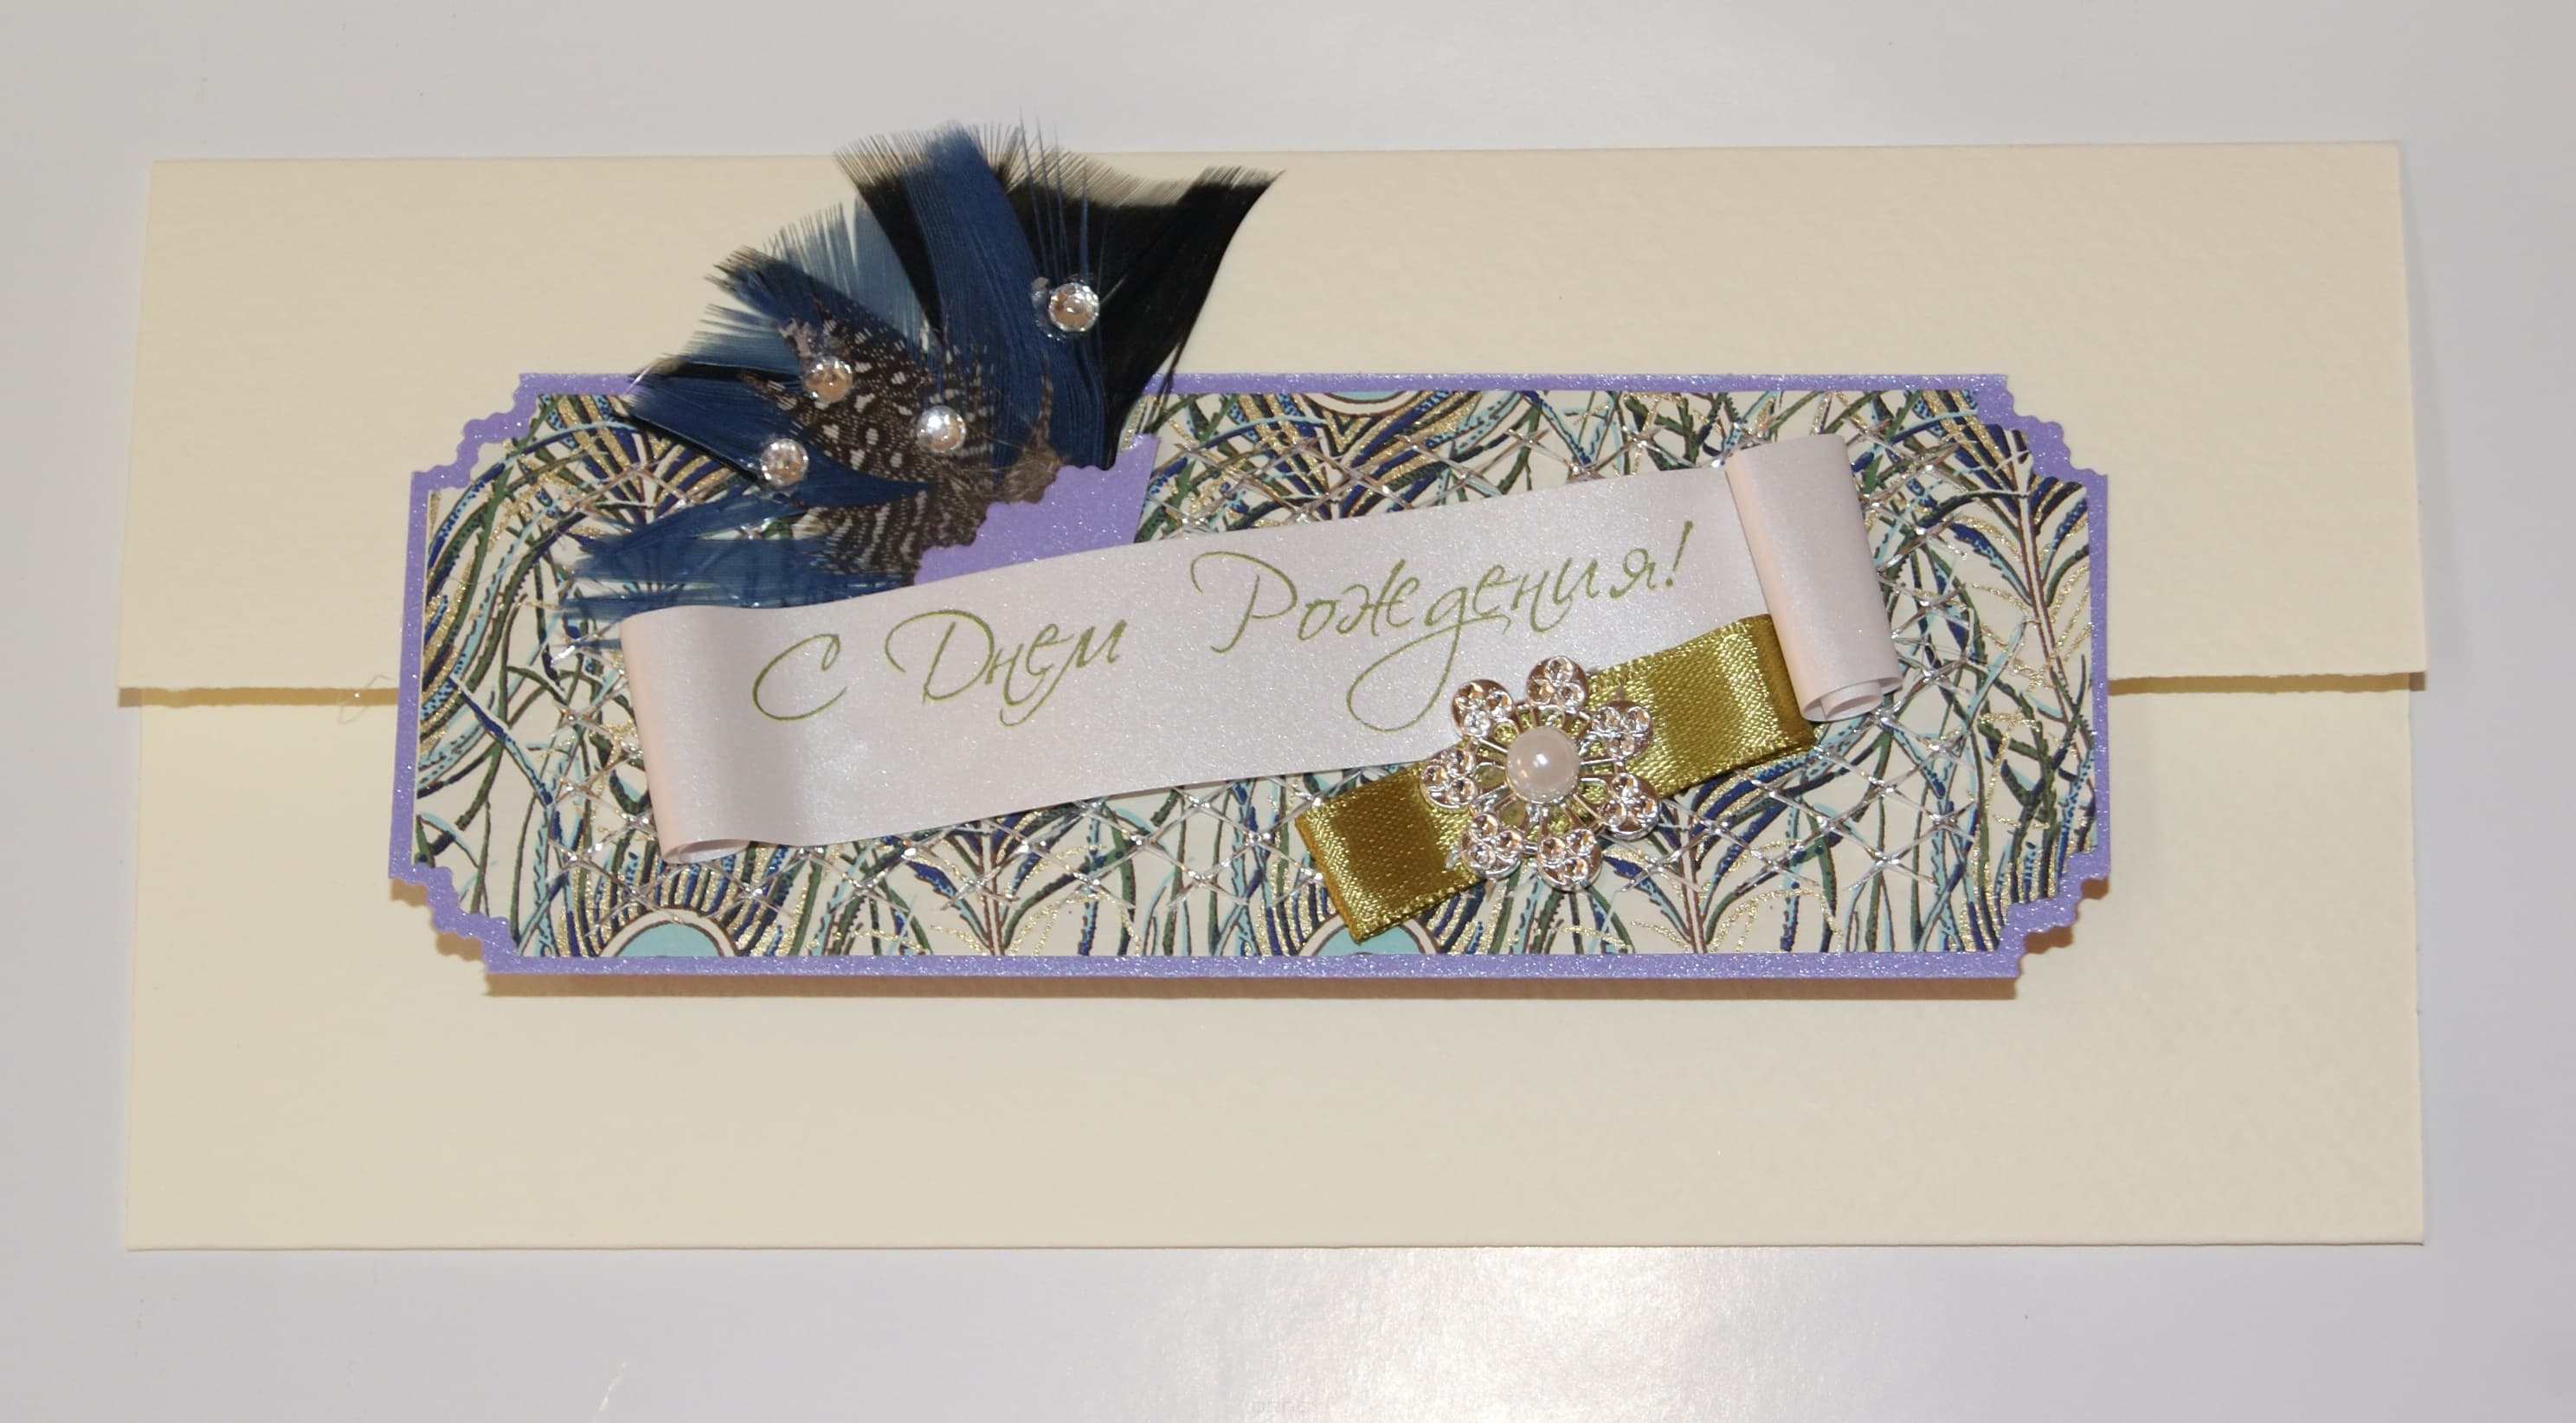 Конверт С Днем Рождения, 20х10 смКонверт ручной работы выполнен из дизайнерского картона, атласных лент и аксессуаров. Комплектация: конверт, поздравительный текст, упаковочный пакет. Размер в см. 10х20<br>